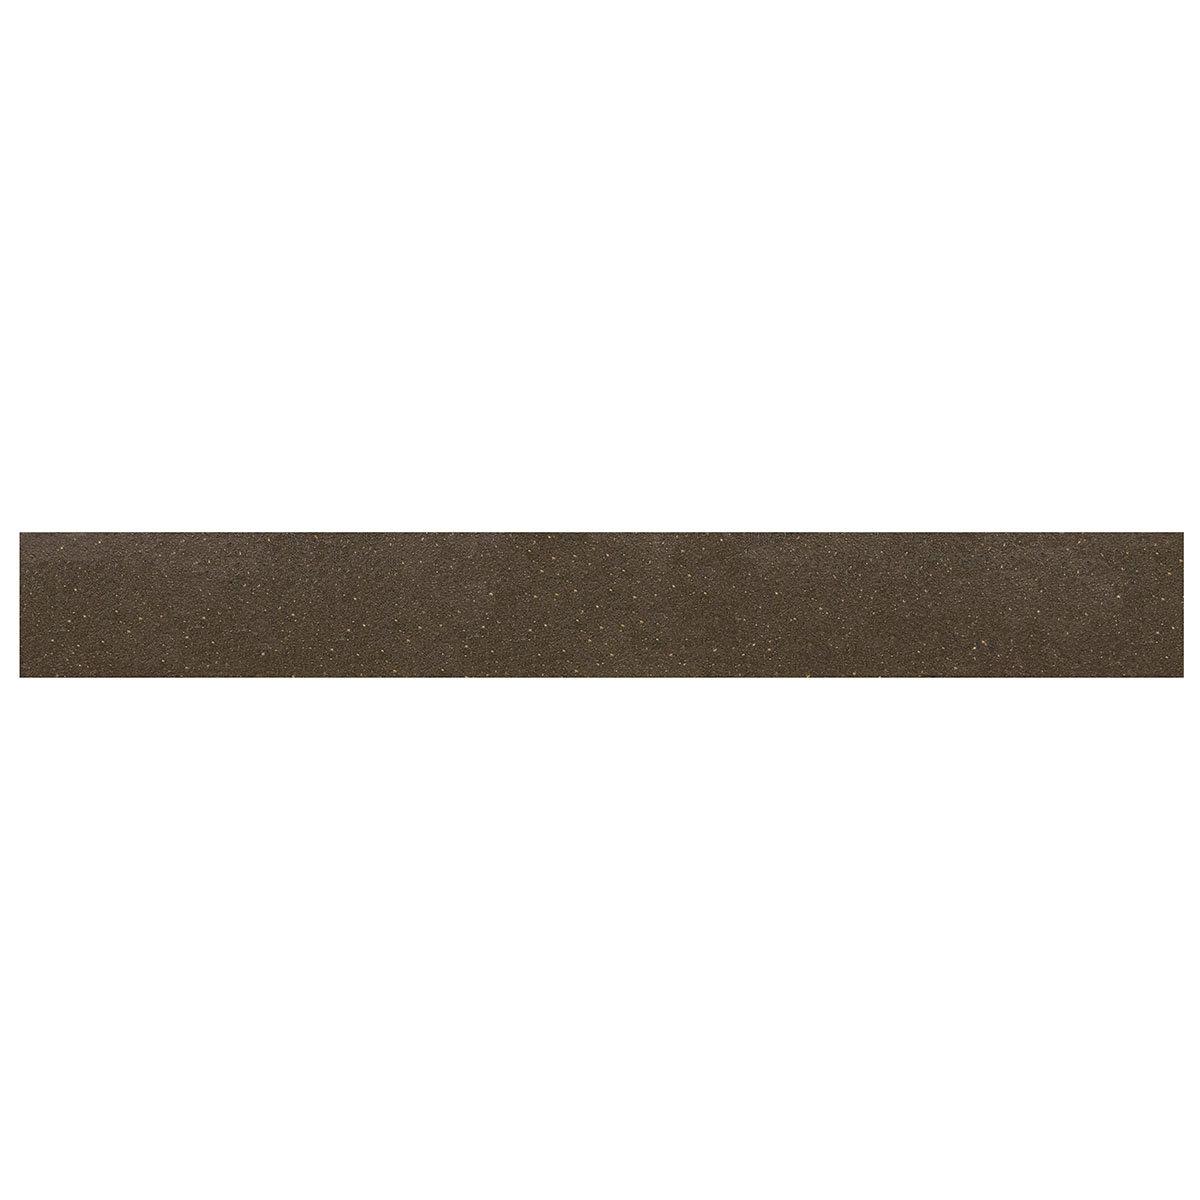 Rasenkante Klassik, 600 cm, braun | #4